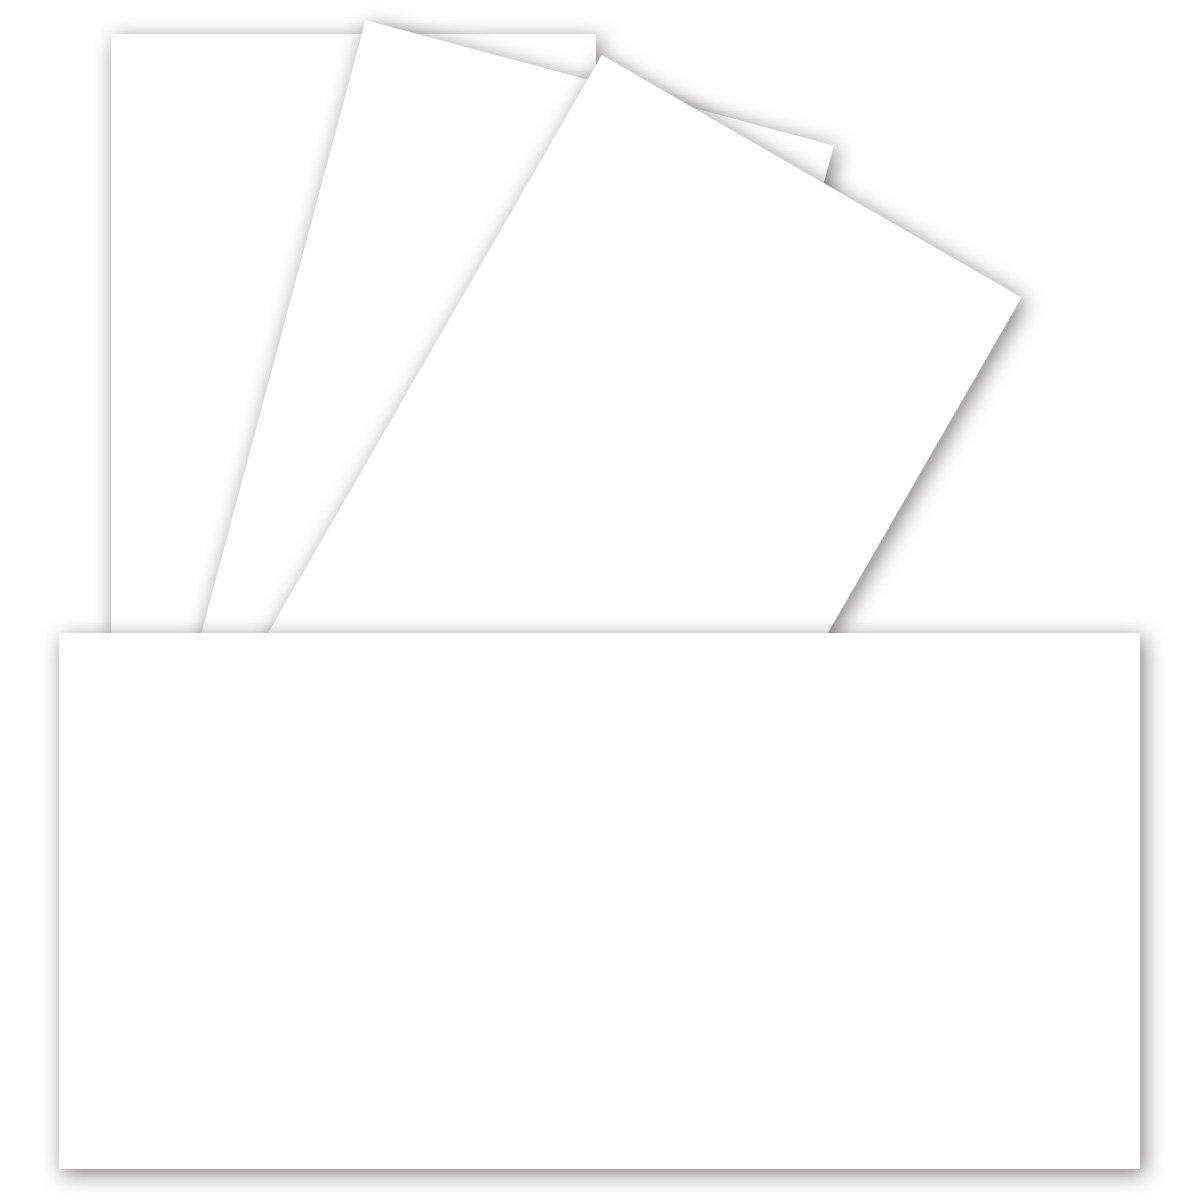 700 Stück Einzelkarten DIN Lang Matt   Hochweiß  PREMIUM QUALITÄT - 99 x 210 mm - 250 g m²   sehr formstabil - für Drucker geeignet  Ideal für Grußkarten und Einladungen   GUSTAV NEUSER B07BMX7KYL | Guter Markt